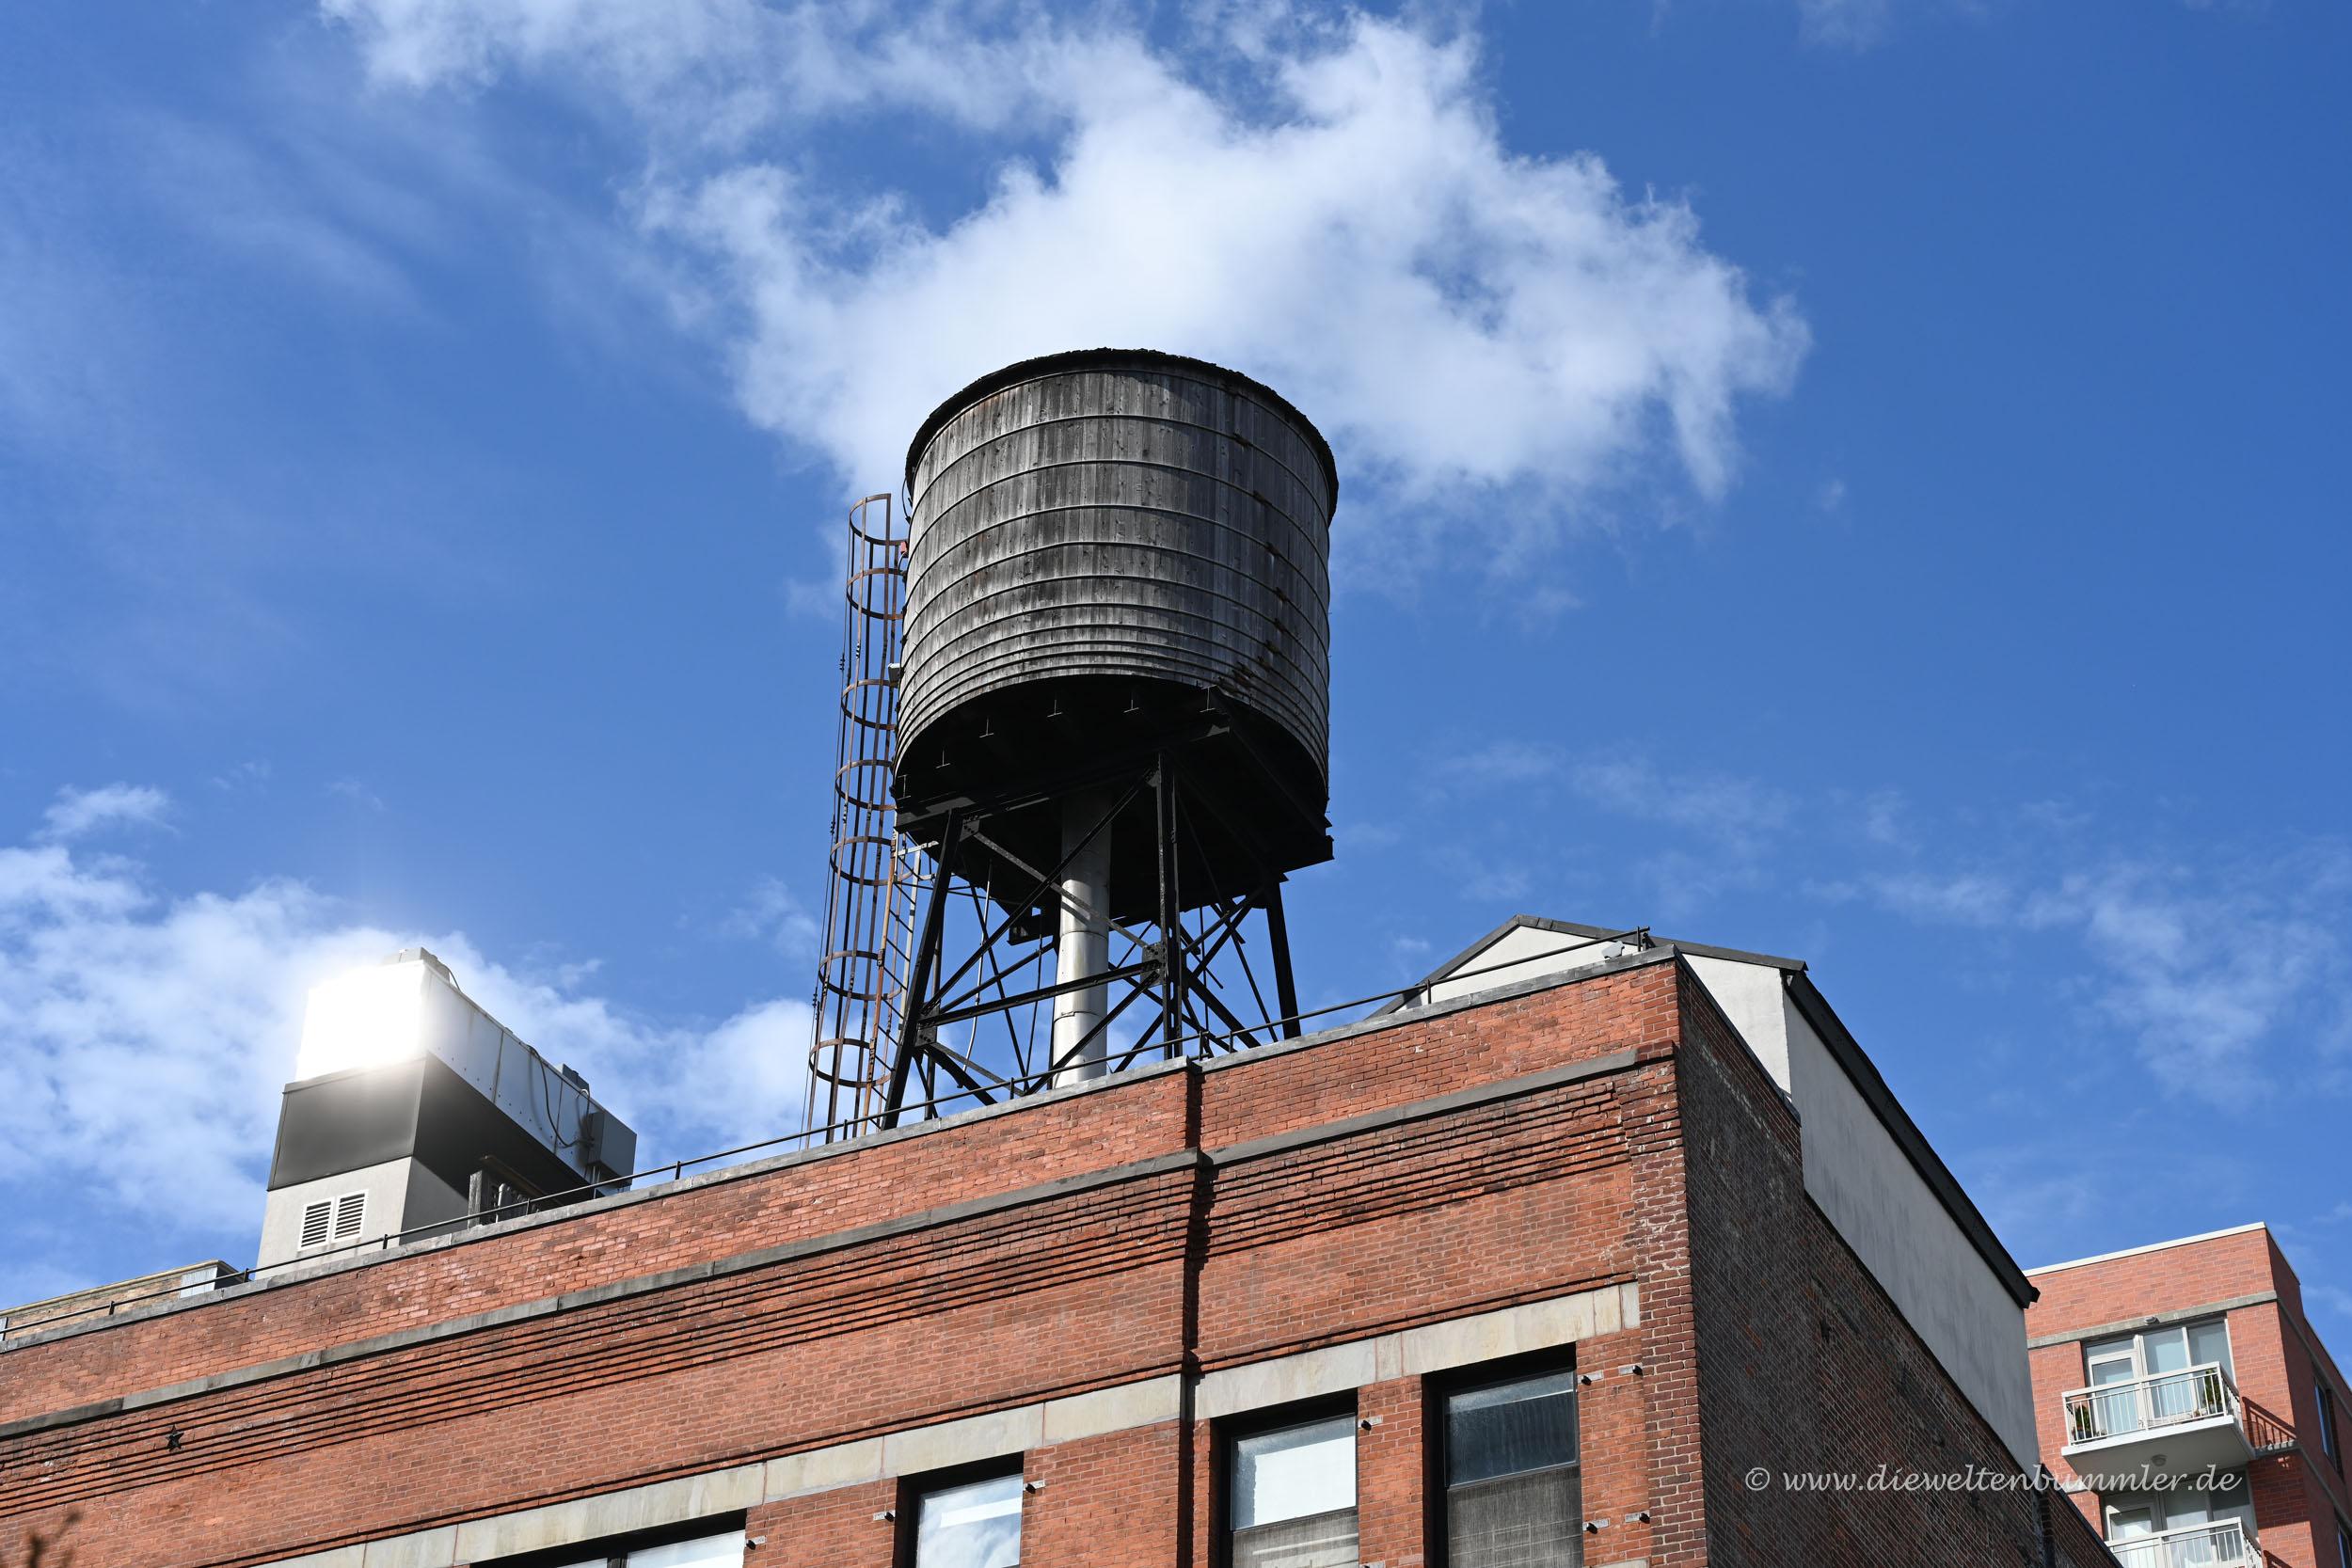 Typischer Wassertank auf dem Dach